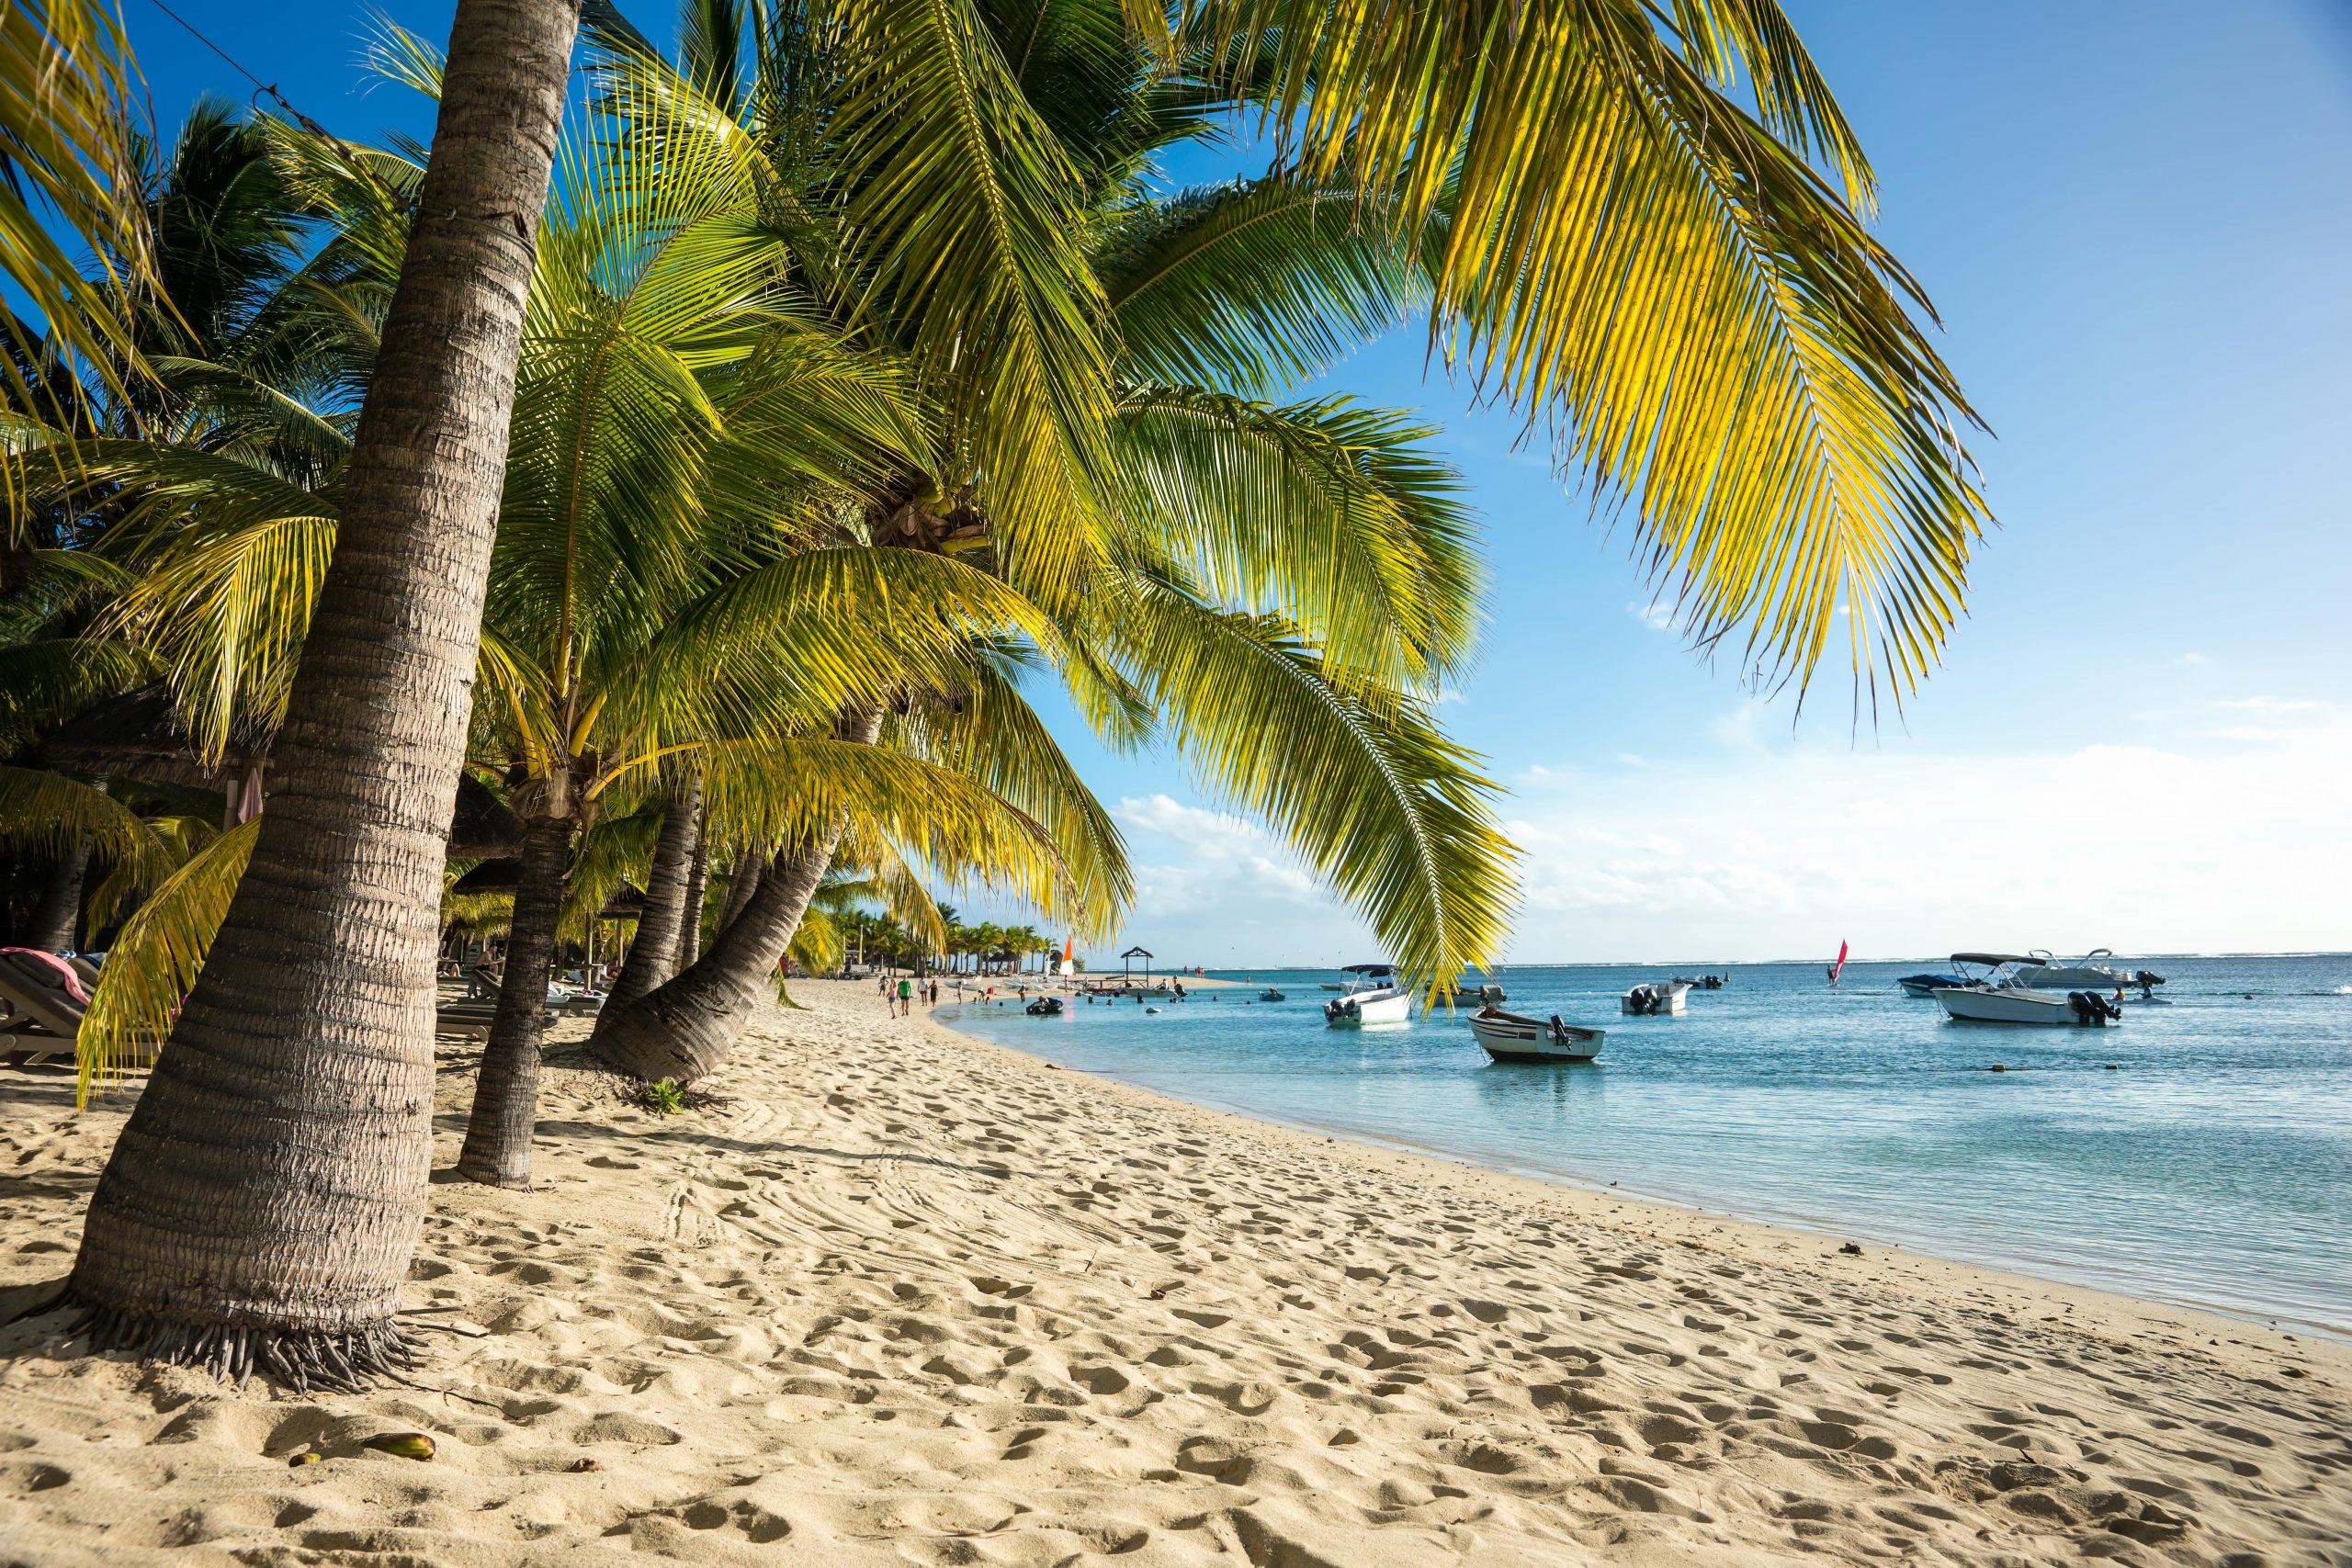 The Low Season in Belize